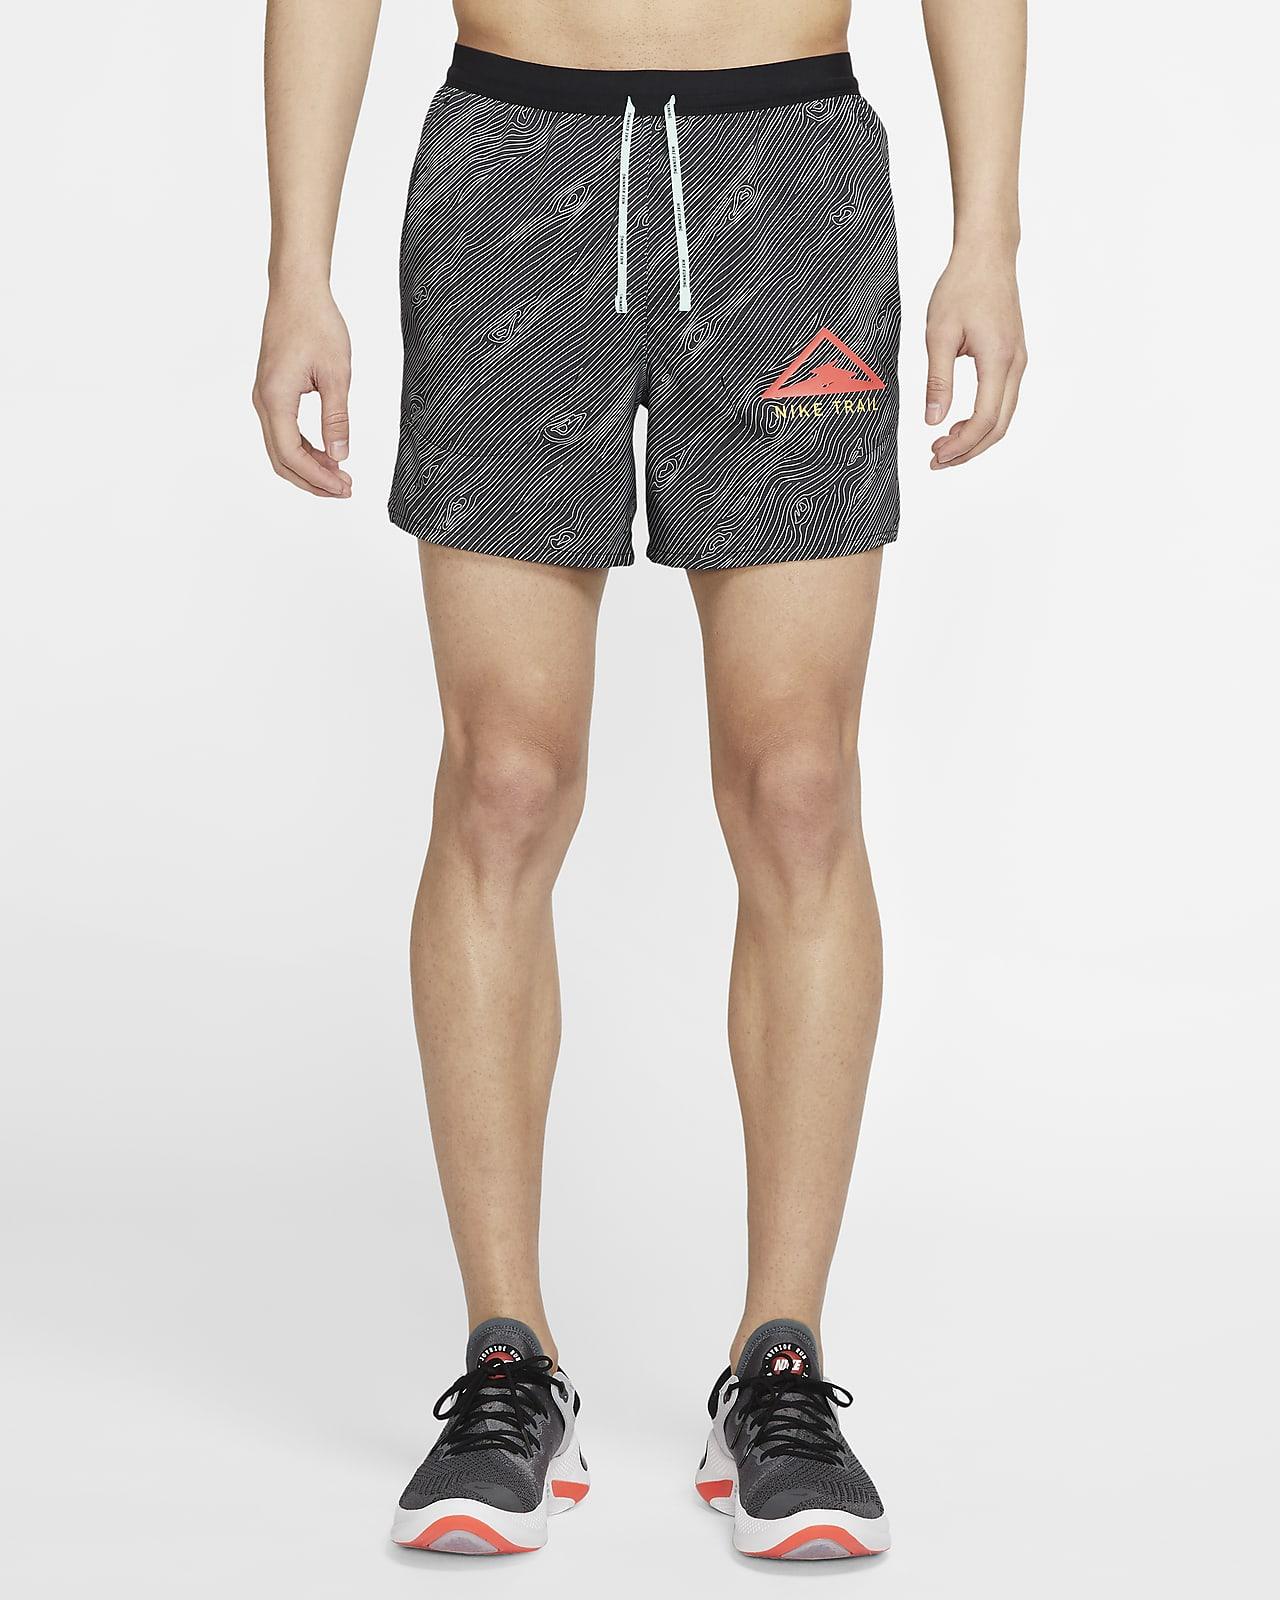 กางเกงวิ่งเทรลขาสั้น 5 นิ้วผู้ชาย Nike Flex Stride